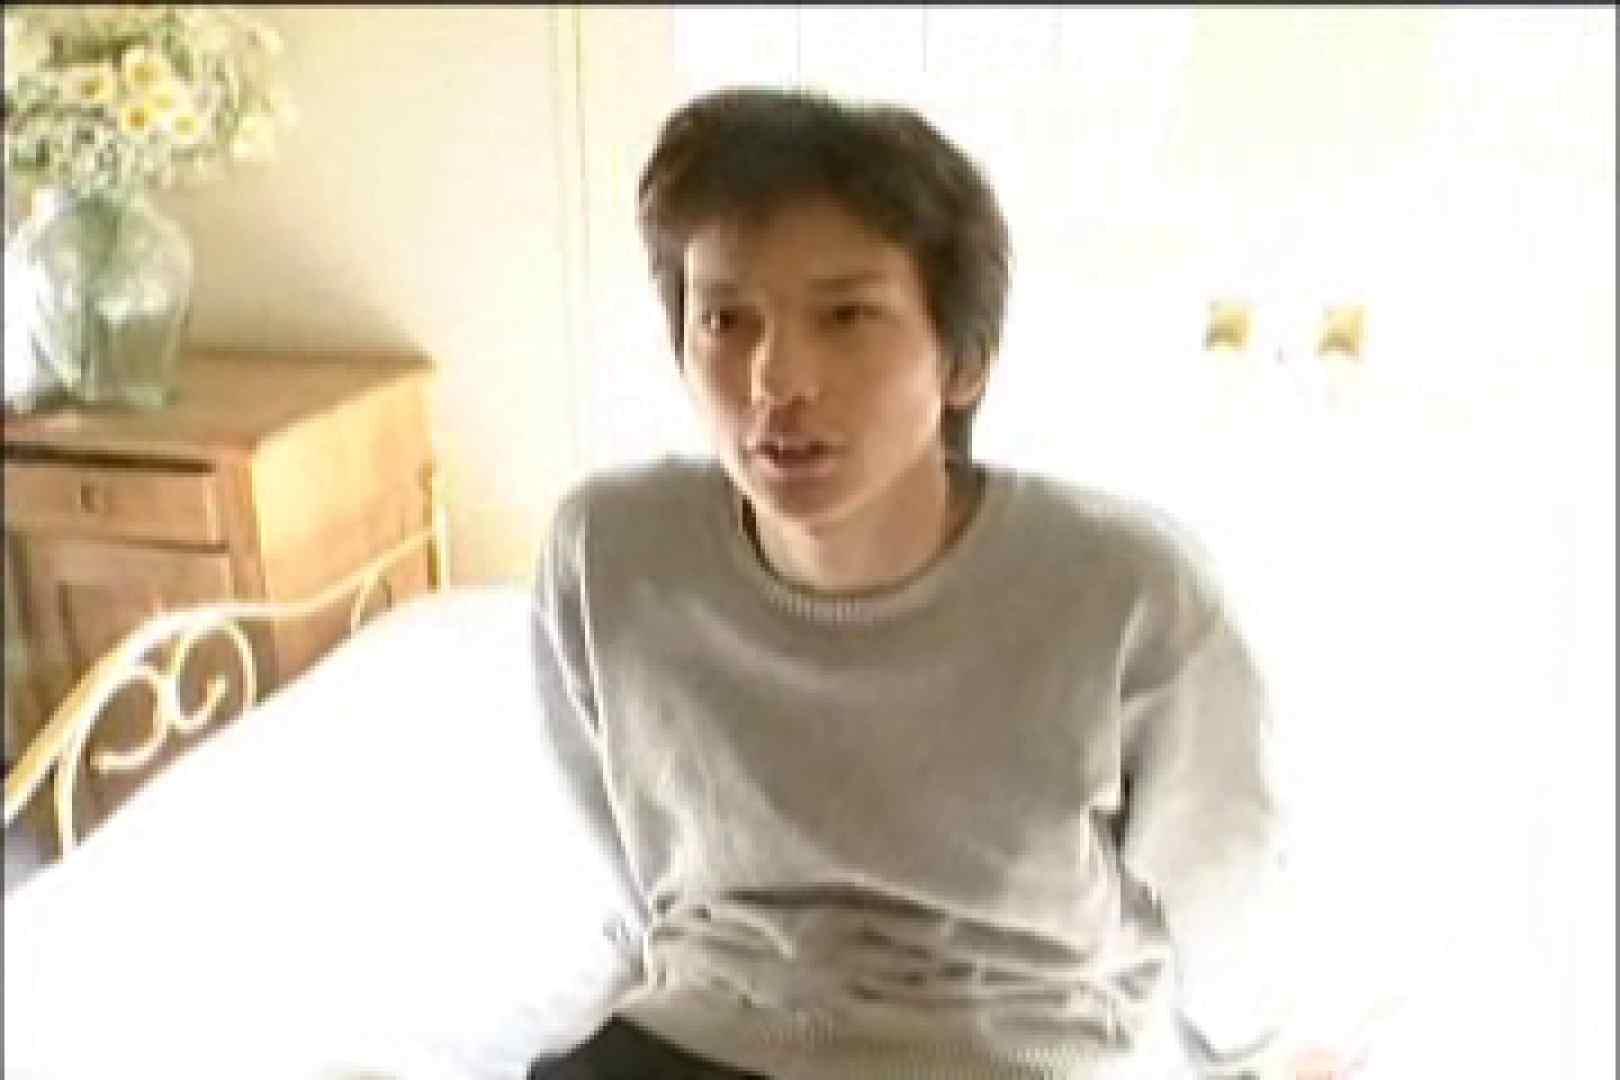 イケメン☆パラダイス〜男ざかりの君たちへ〜vol.26 フェラ天国 ゲイエロビデオ画像 95pic 33